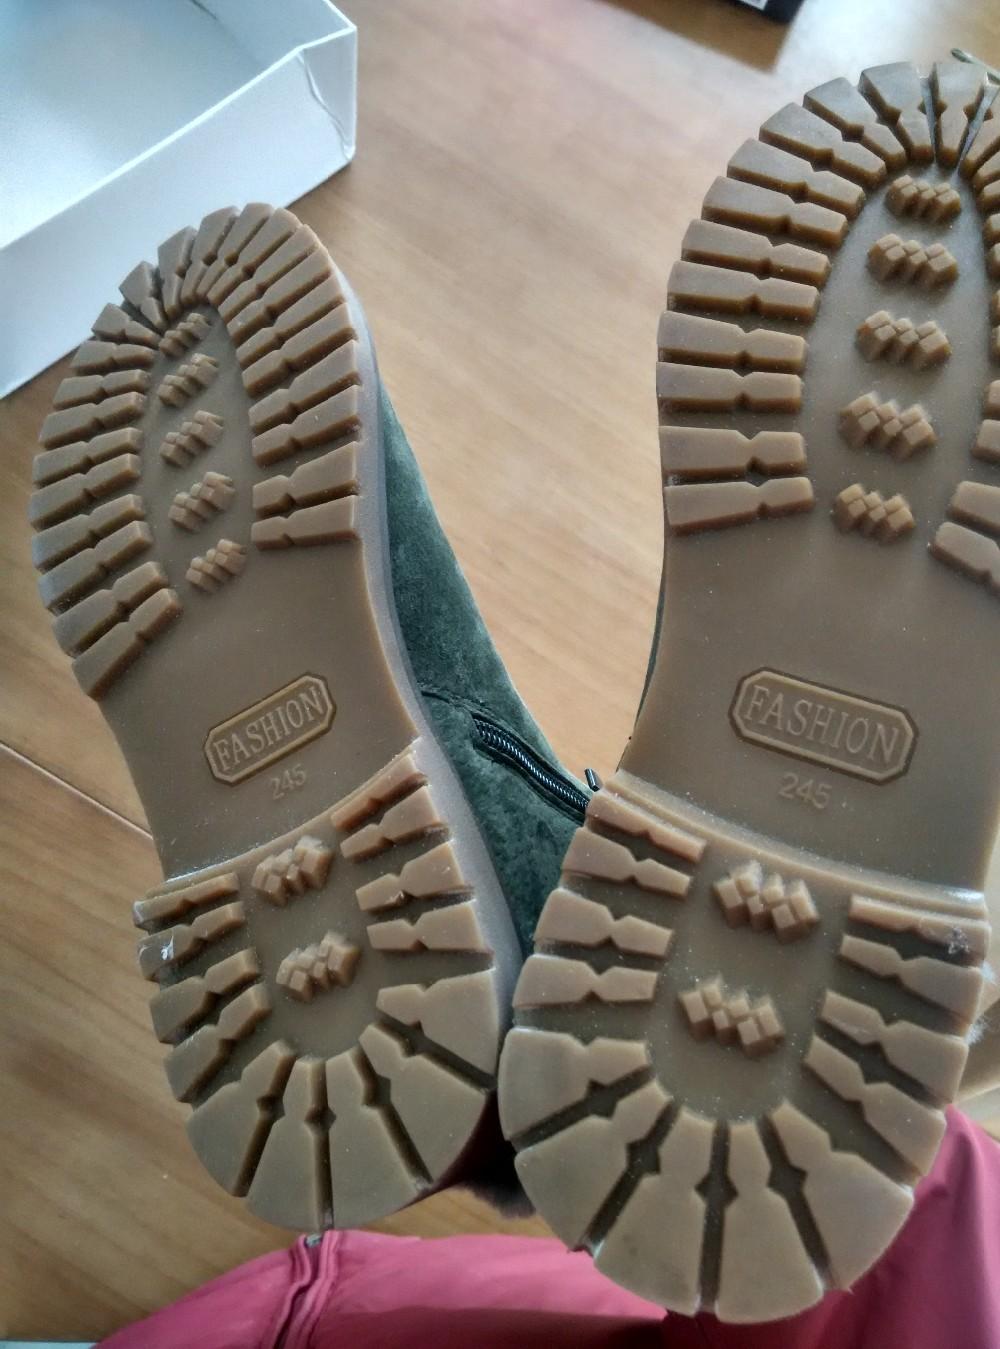 ซื้อ 2016ใหม่เสื้อผ้าแบรนด์ฤดูหนาวหนังแกะธรรมชาติขนผู้หญิงหิมะรองเท้าข้อเท้าหนังแท้ซิปอุ่นให้รองเท้าGN10